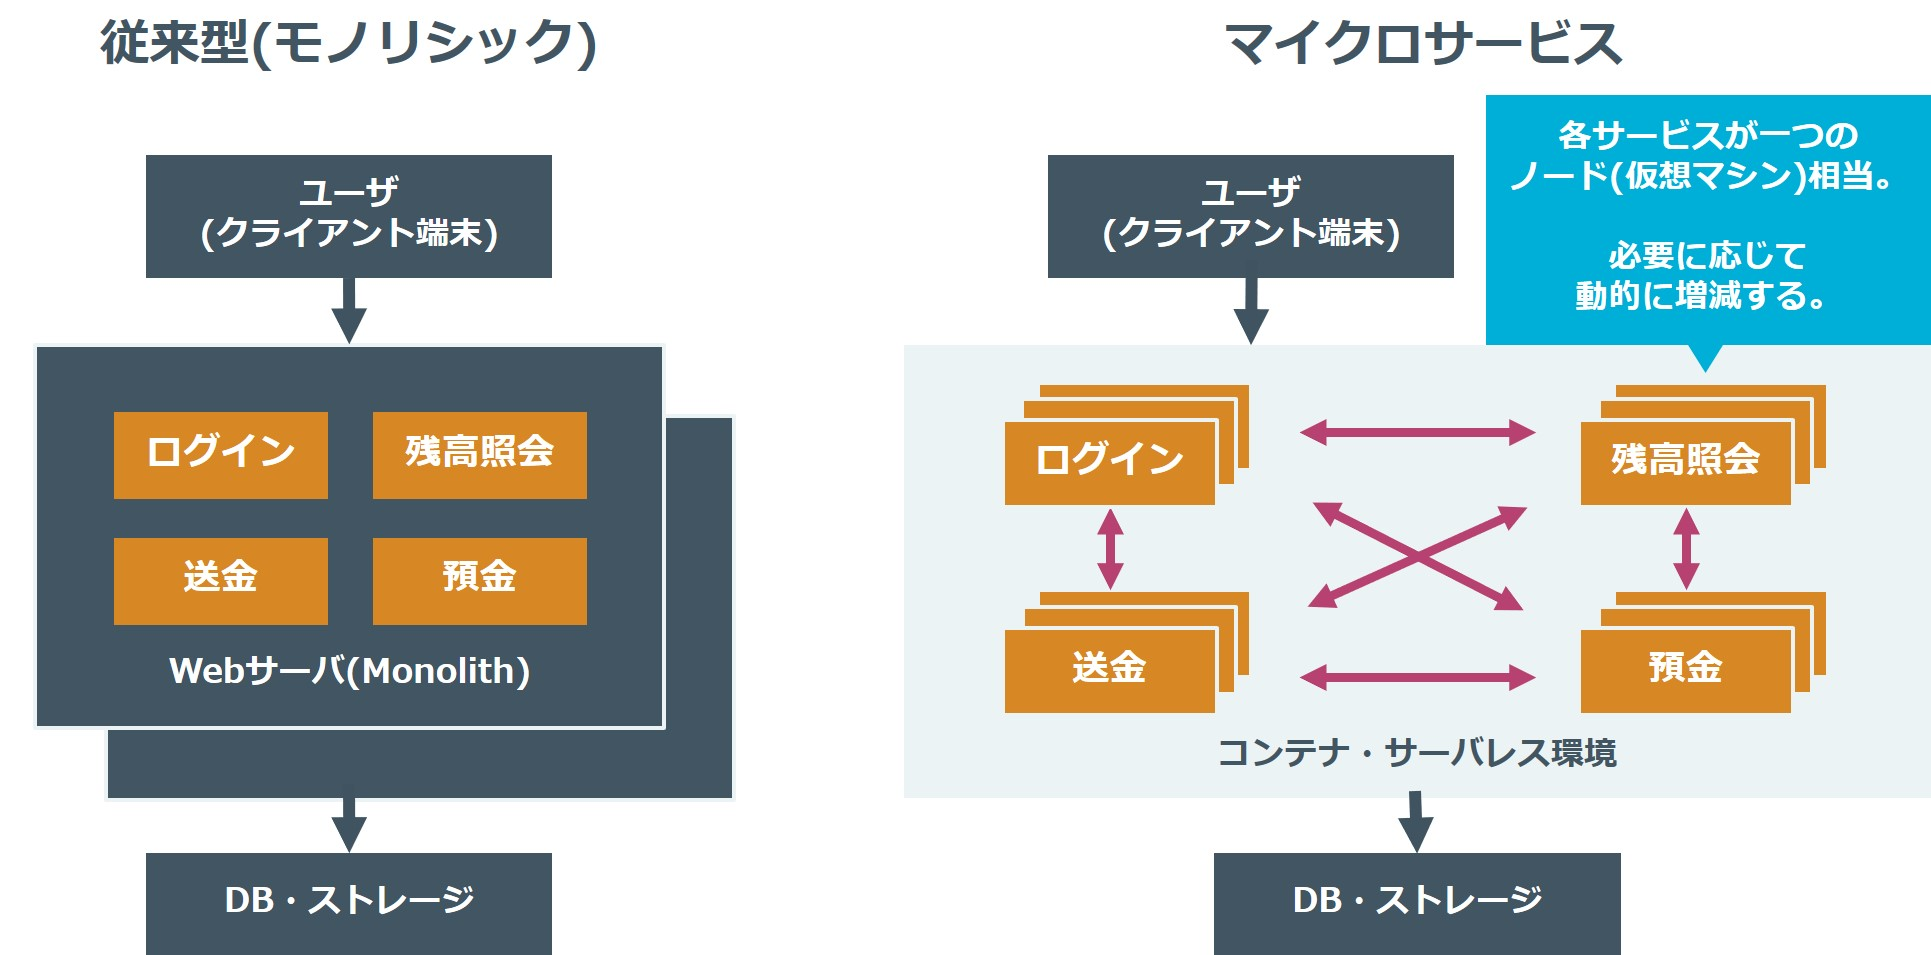 従来型アーキテクチャとマイクロサービスアーキテクチャ